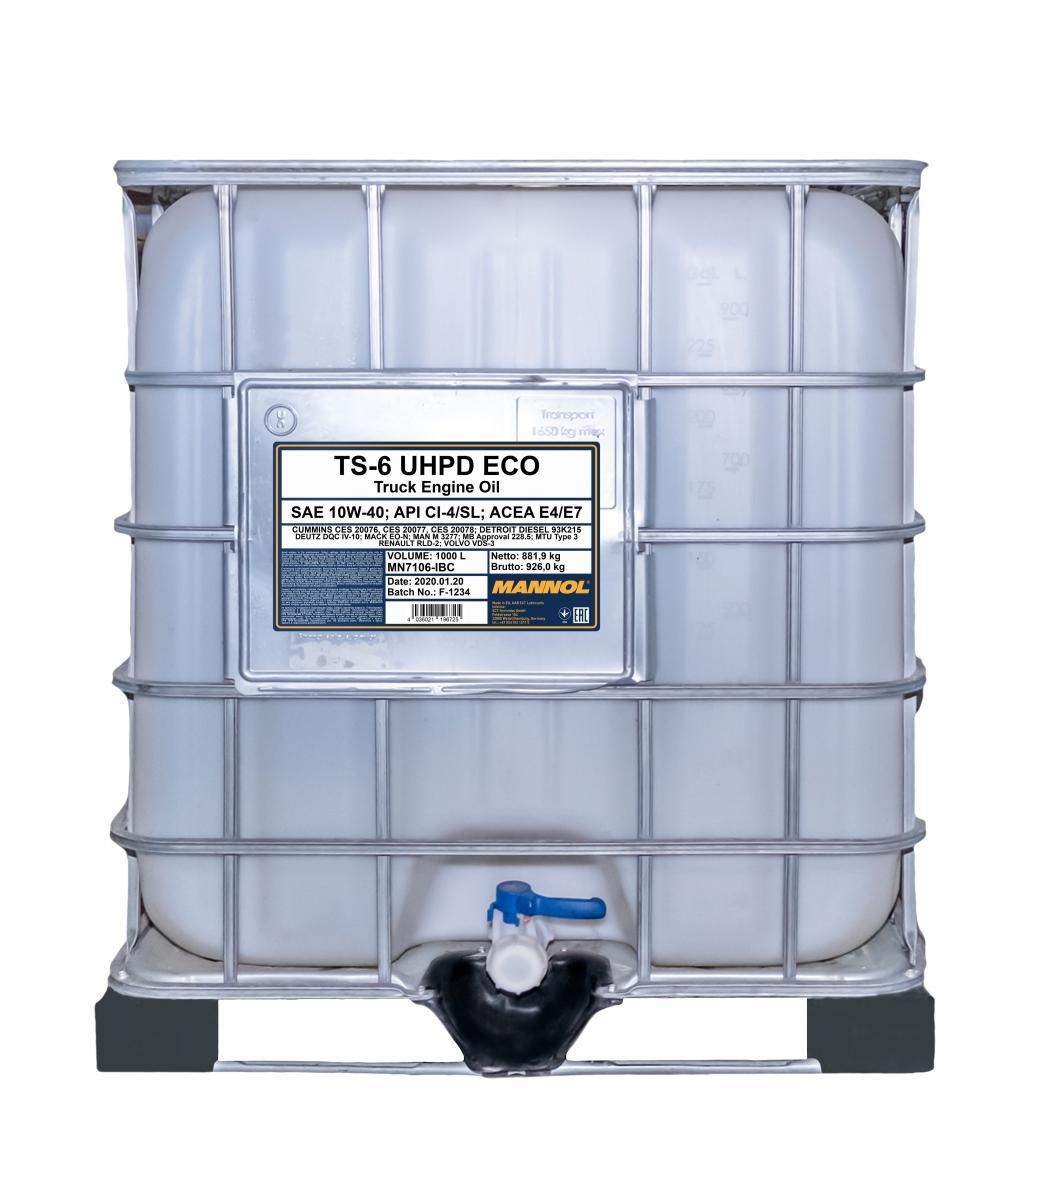 MN7106-IBC MANNOL TS-6, UHPD Eco 10W-40, 10W-40, 1000l Motoröl MN7106-IBC günstig kaufen